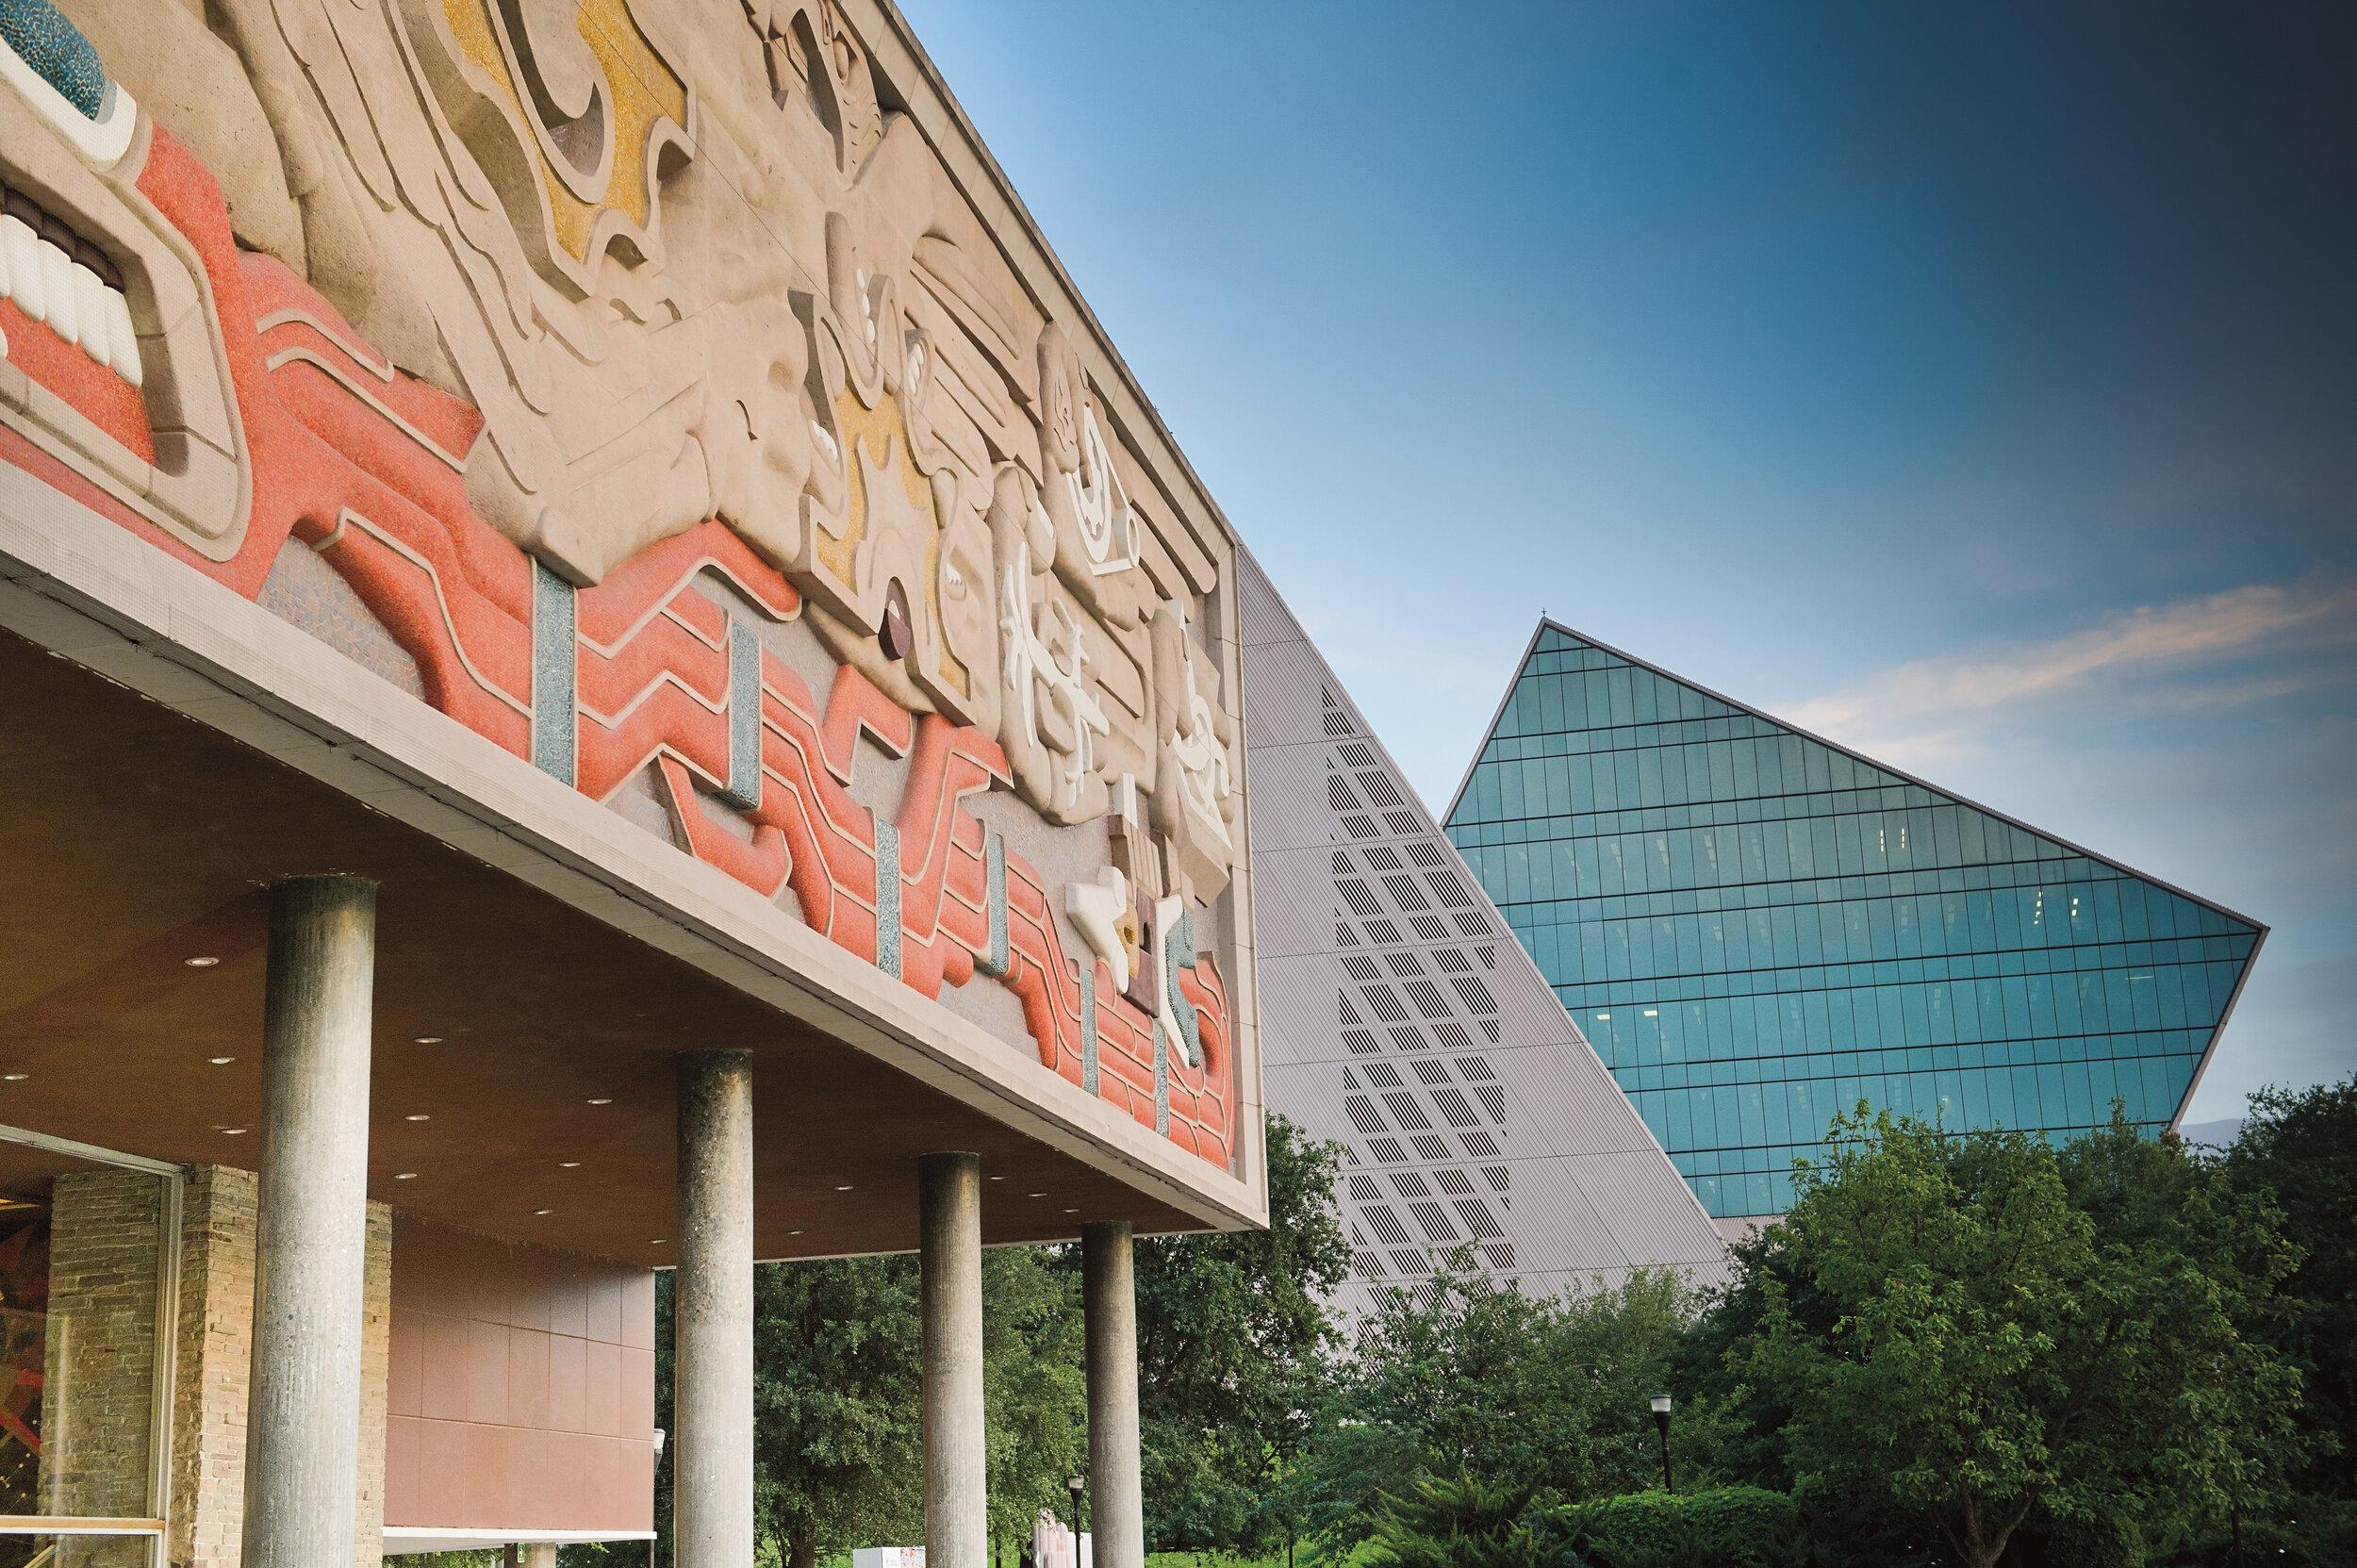 El Tecnológico de Monterrey ocupa la segunda posición en empleabilidad en Latinoamérica y el número 40 a nivel mundial. -